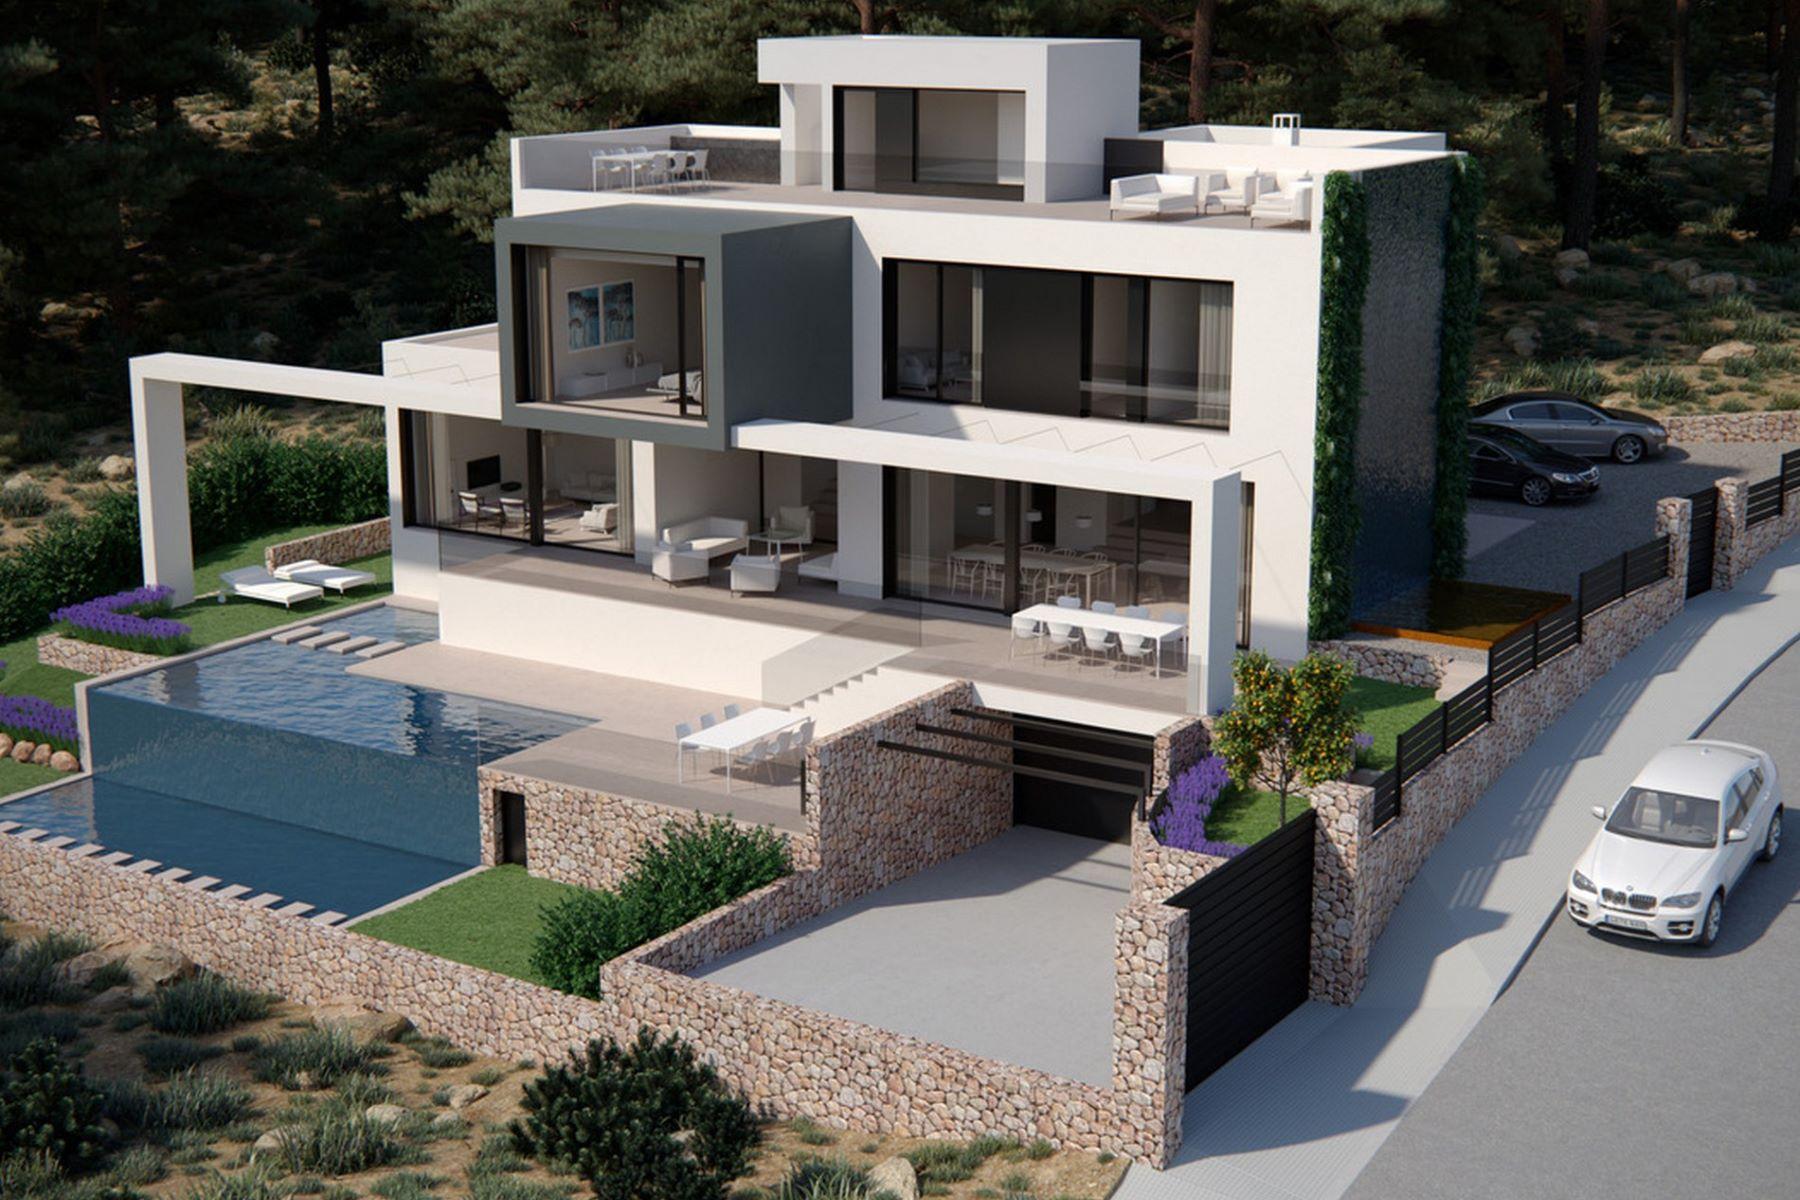 独户住宅 为 销售 在 Villa in a quiet residential area of Port Andratx 安德拉特斯, 马洛卡, 07157 西班牙